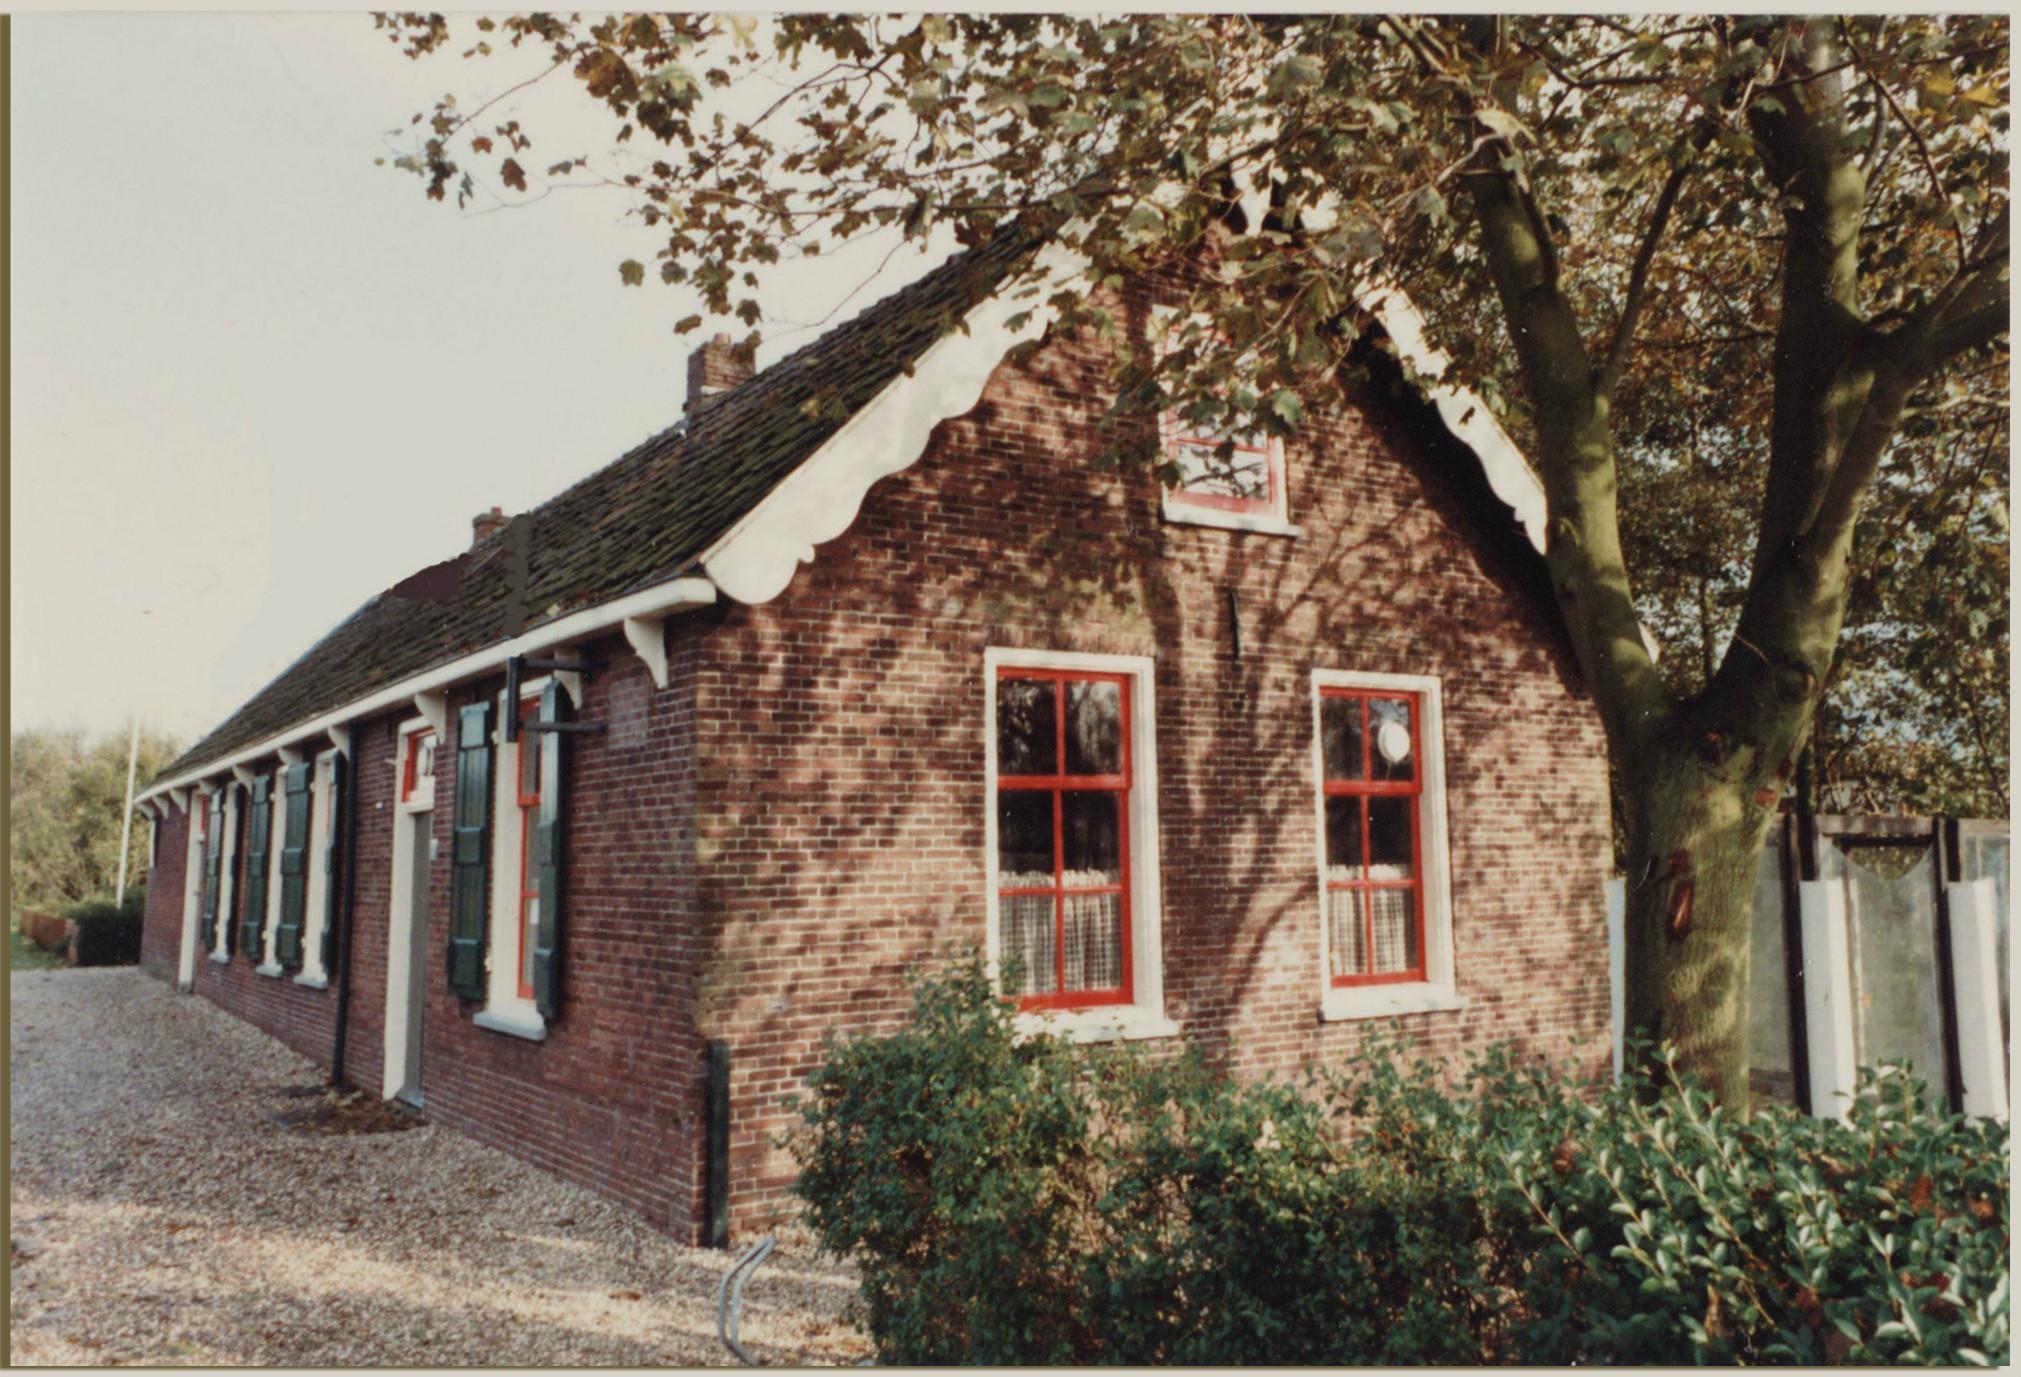 Café Teckop, Teckop 48 in Kamerik. Dit laatste huis van Teckop dateert uit de eerste helft van de 19e eeuw. Het had waarschijnlijk al sinds de bouw de functie van herberg en was tot 1857 het gemeentehuis van de zelfstandige gemeente Teckop. Tot in de jaren '80 van de vorige eeuw bleef het een café en vergaderde het waterschap Teckop er. Deze foto werd gemaakt in het jaar 1981.